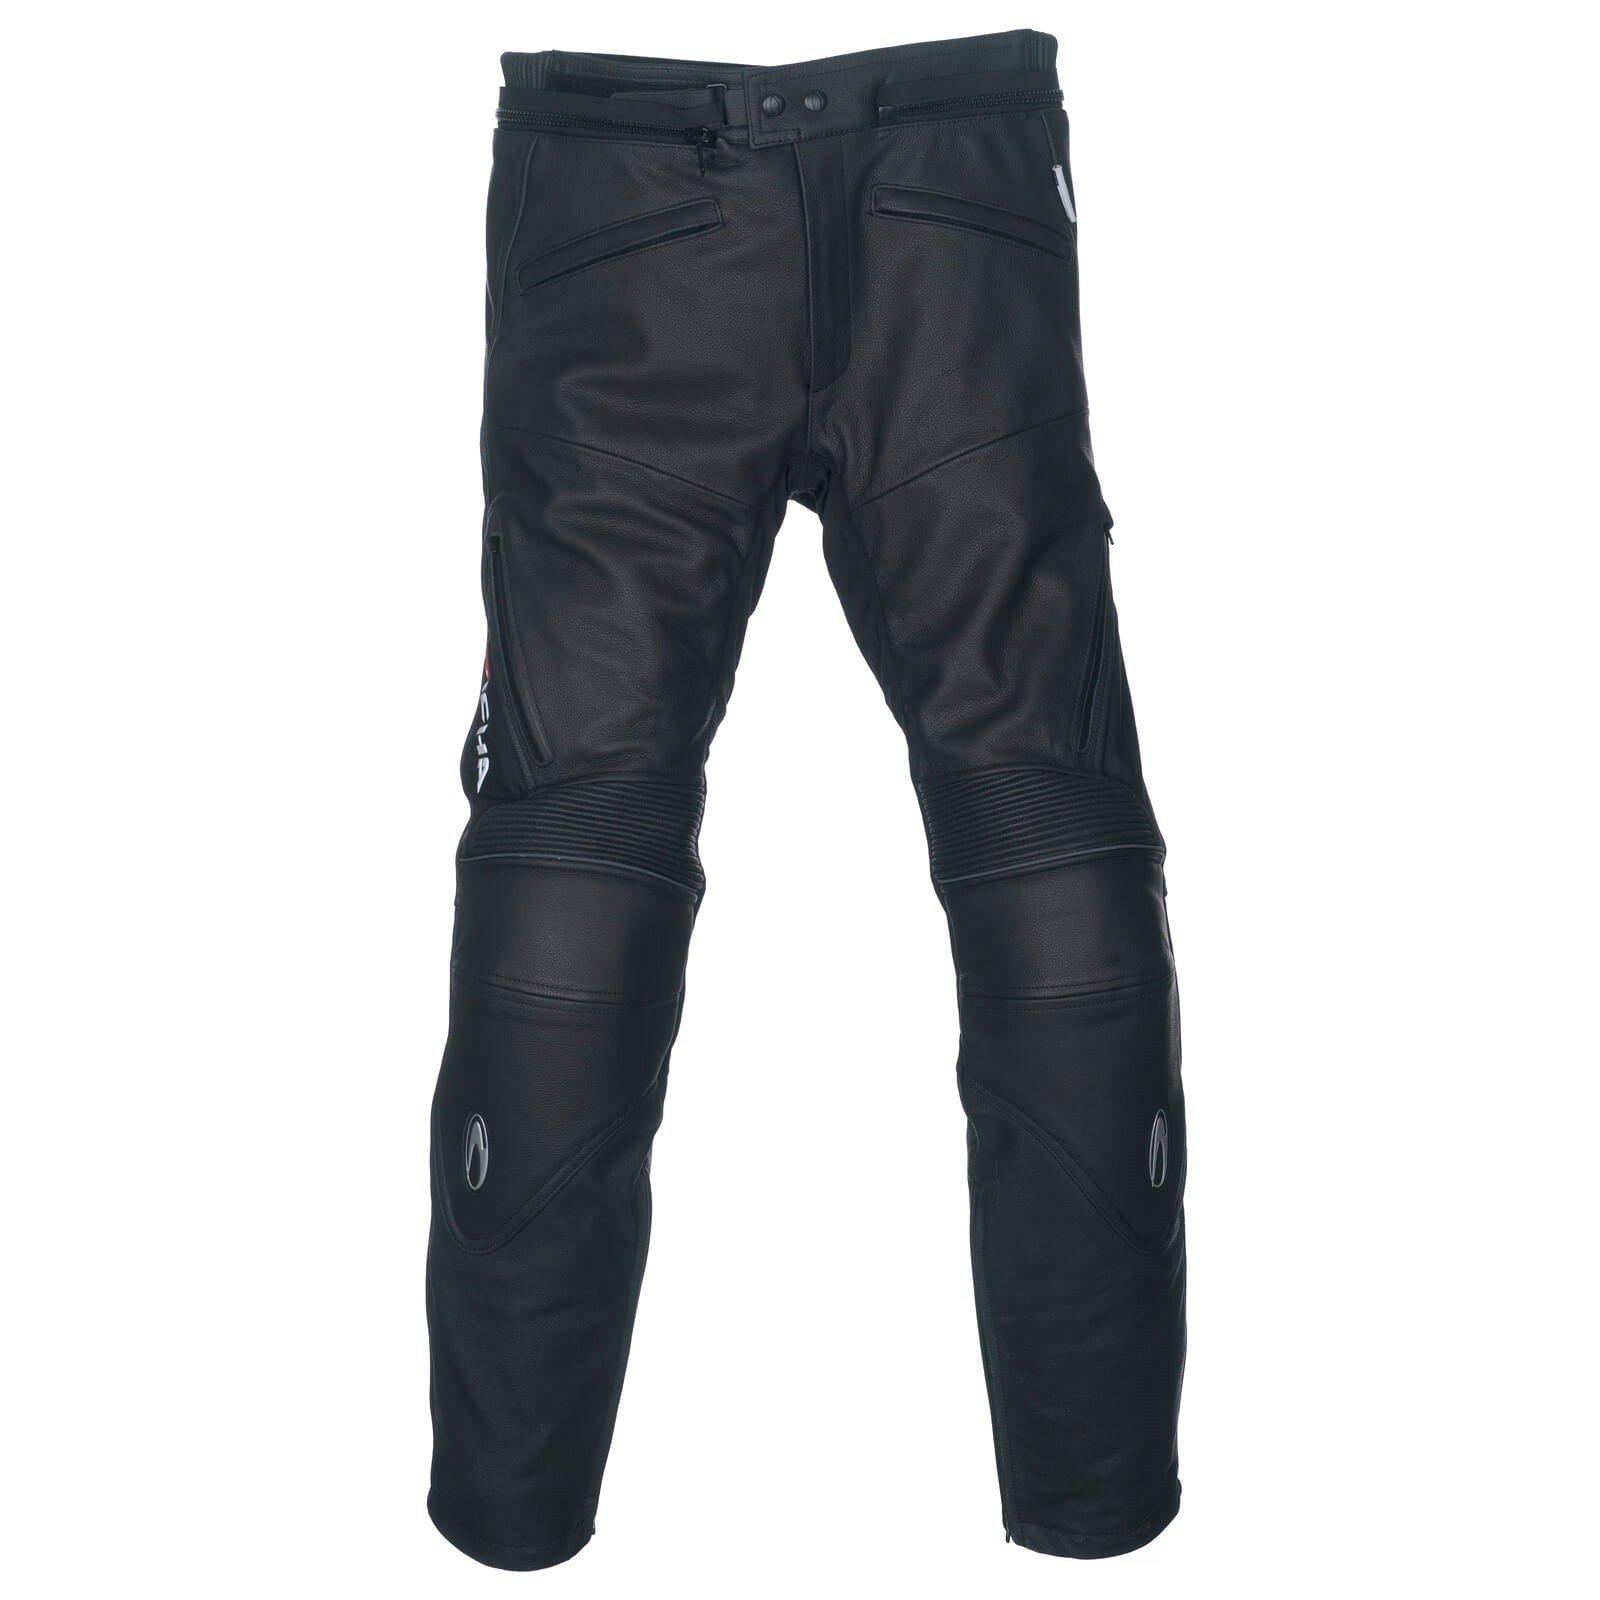 Pánské kožené kalhoty na motocykl RICHA TG1 (černé) 50